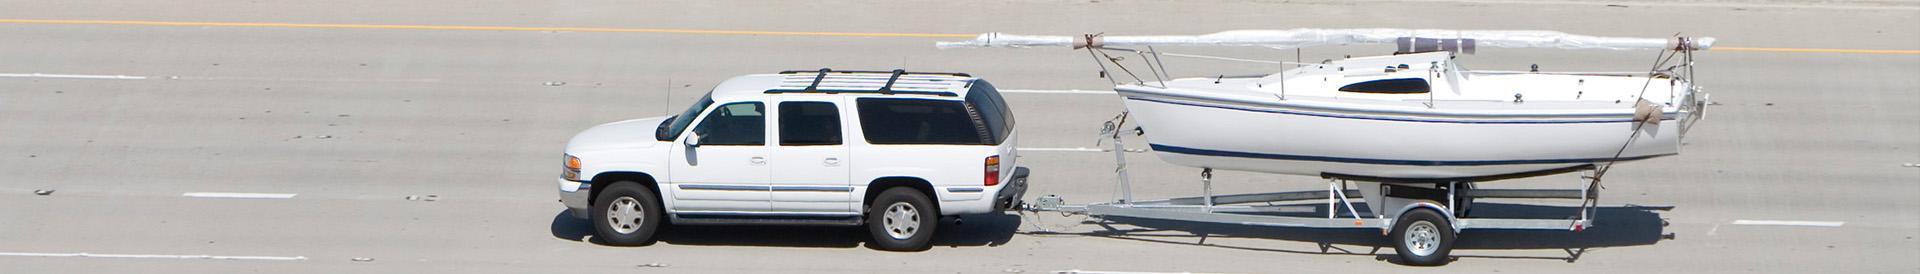 Samochód z łodzią na przyczepie